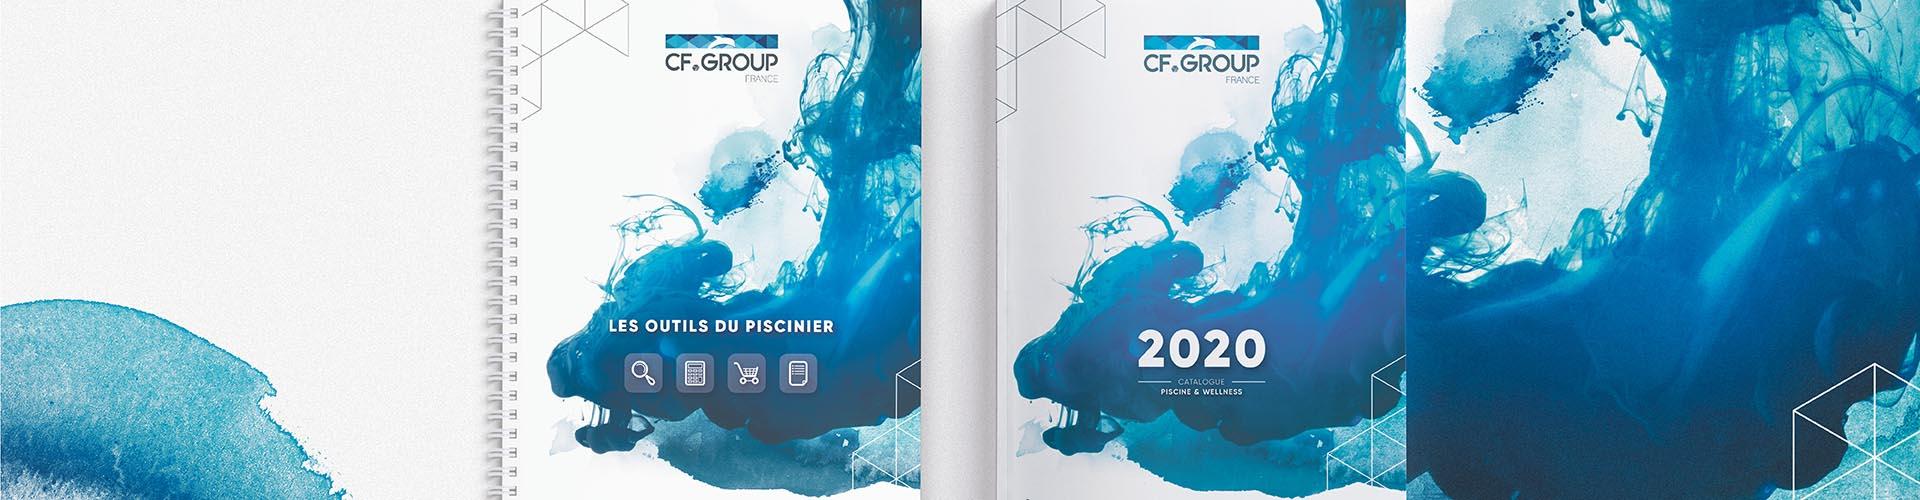 My Cfgroup : Equipement & Materiel De Piscine Pour ... dedans France Accessoires Piscine